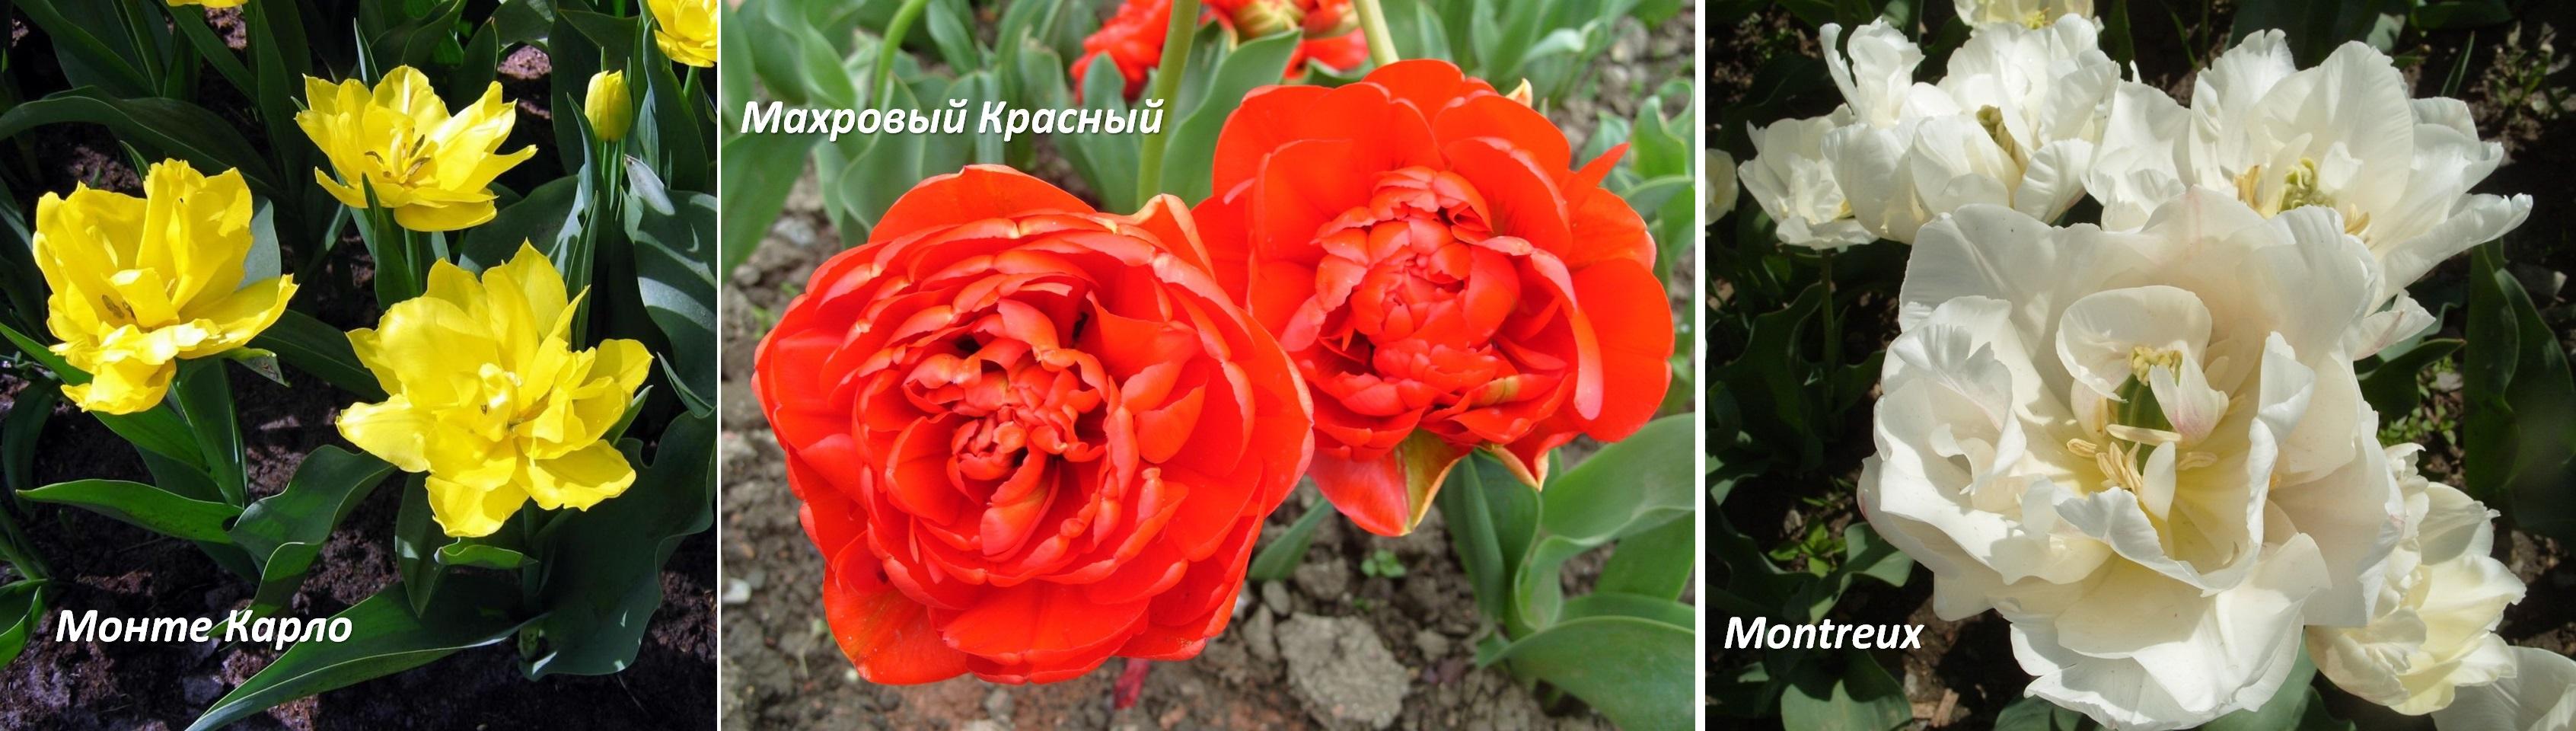 Тюльпаны цветов с названиями 44